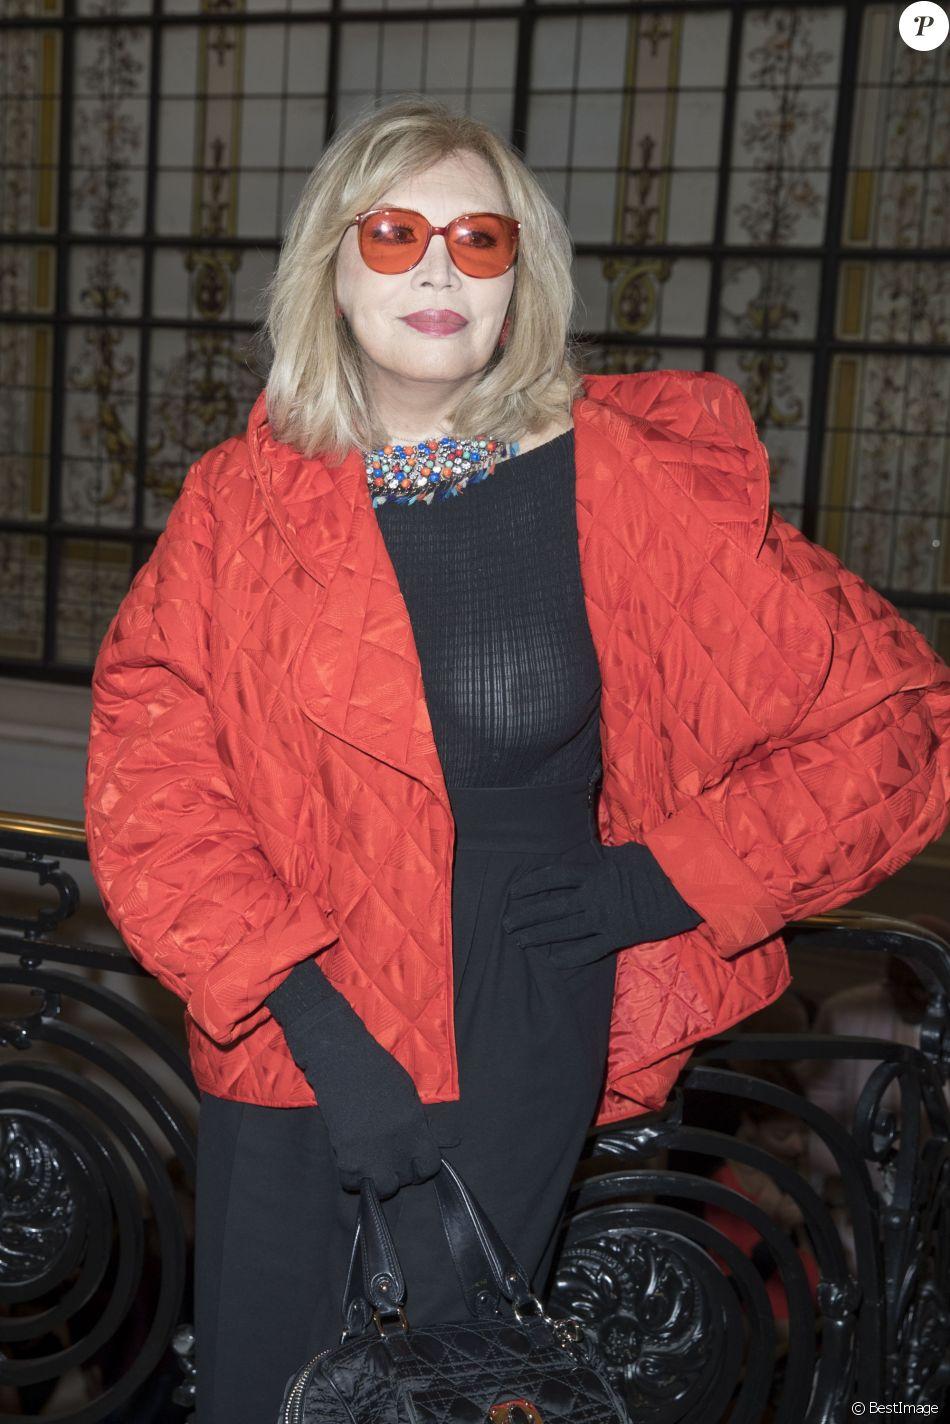 Amanda Lear au défilé de mode Jean Paul Gaultier, collection haute couture printemps-été 2018, à Paris. Le 24 janvier 2018 © Olivier Borde / Bestimage